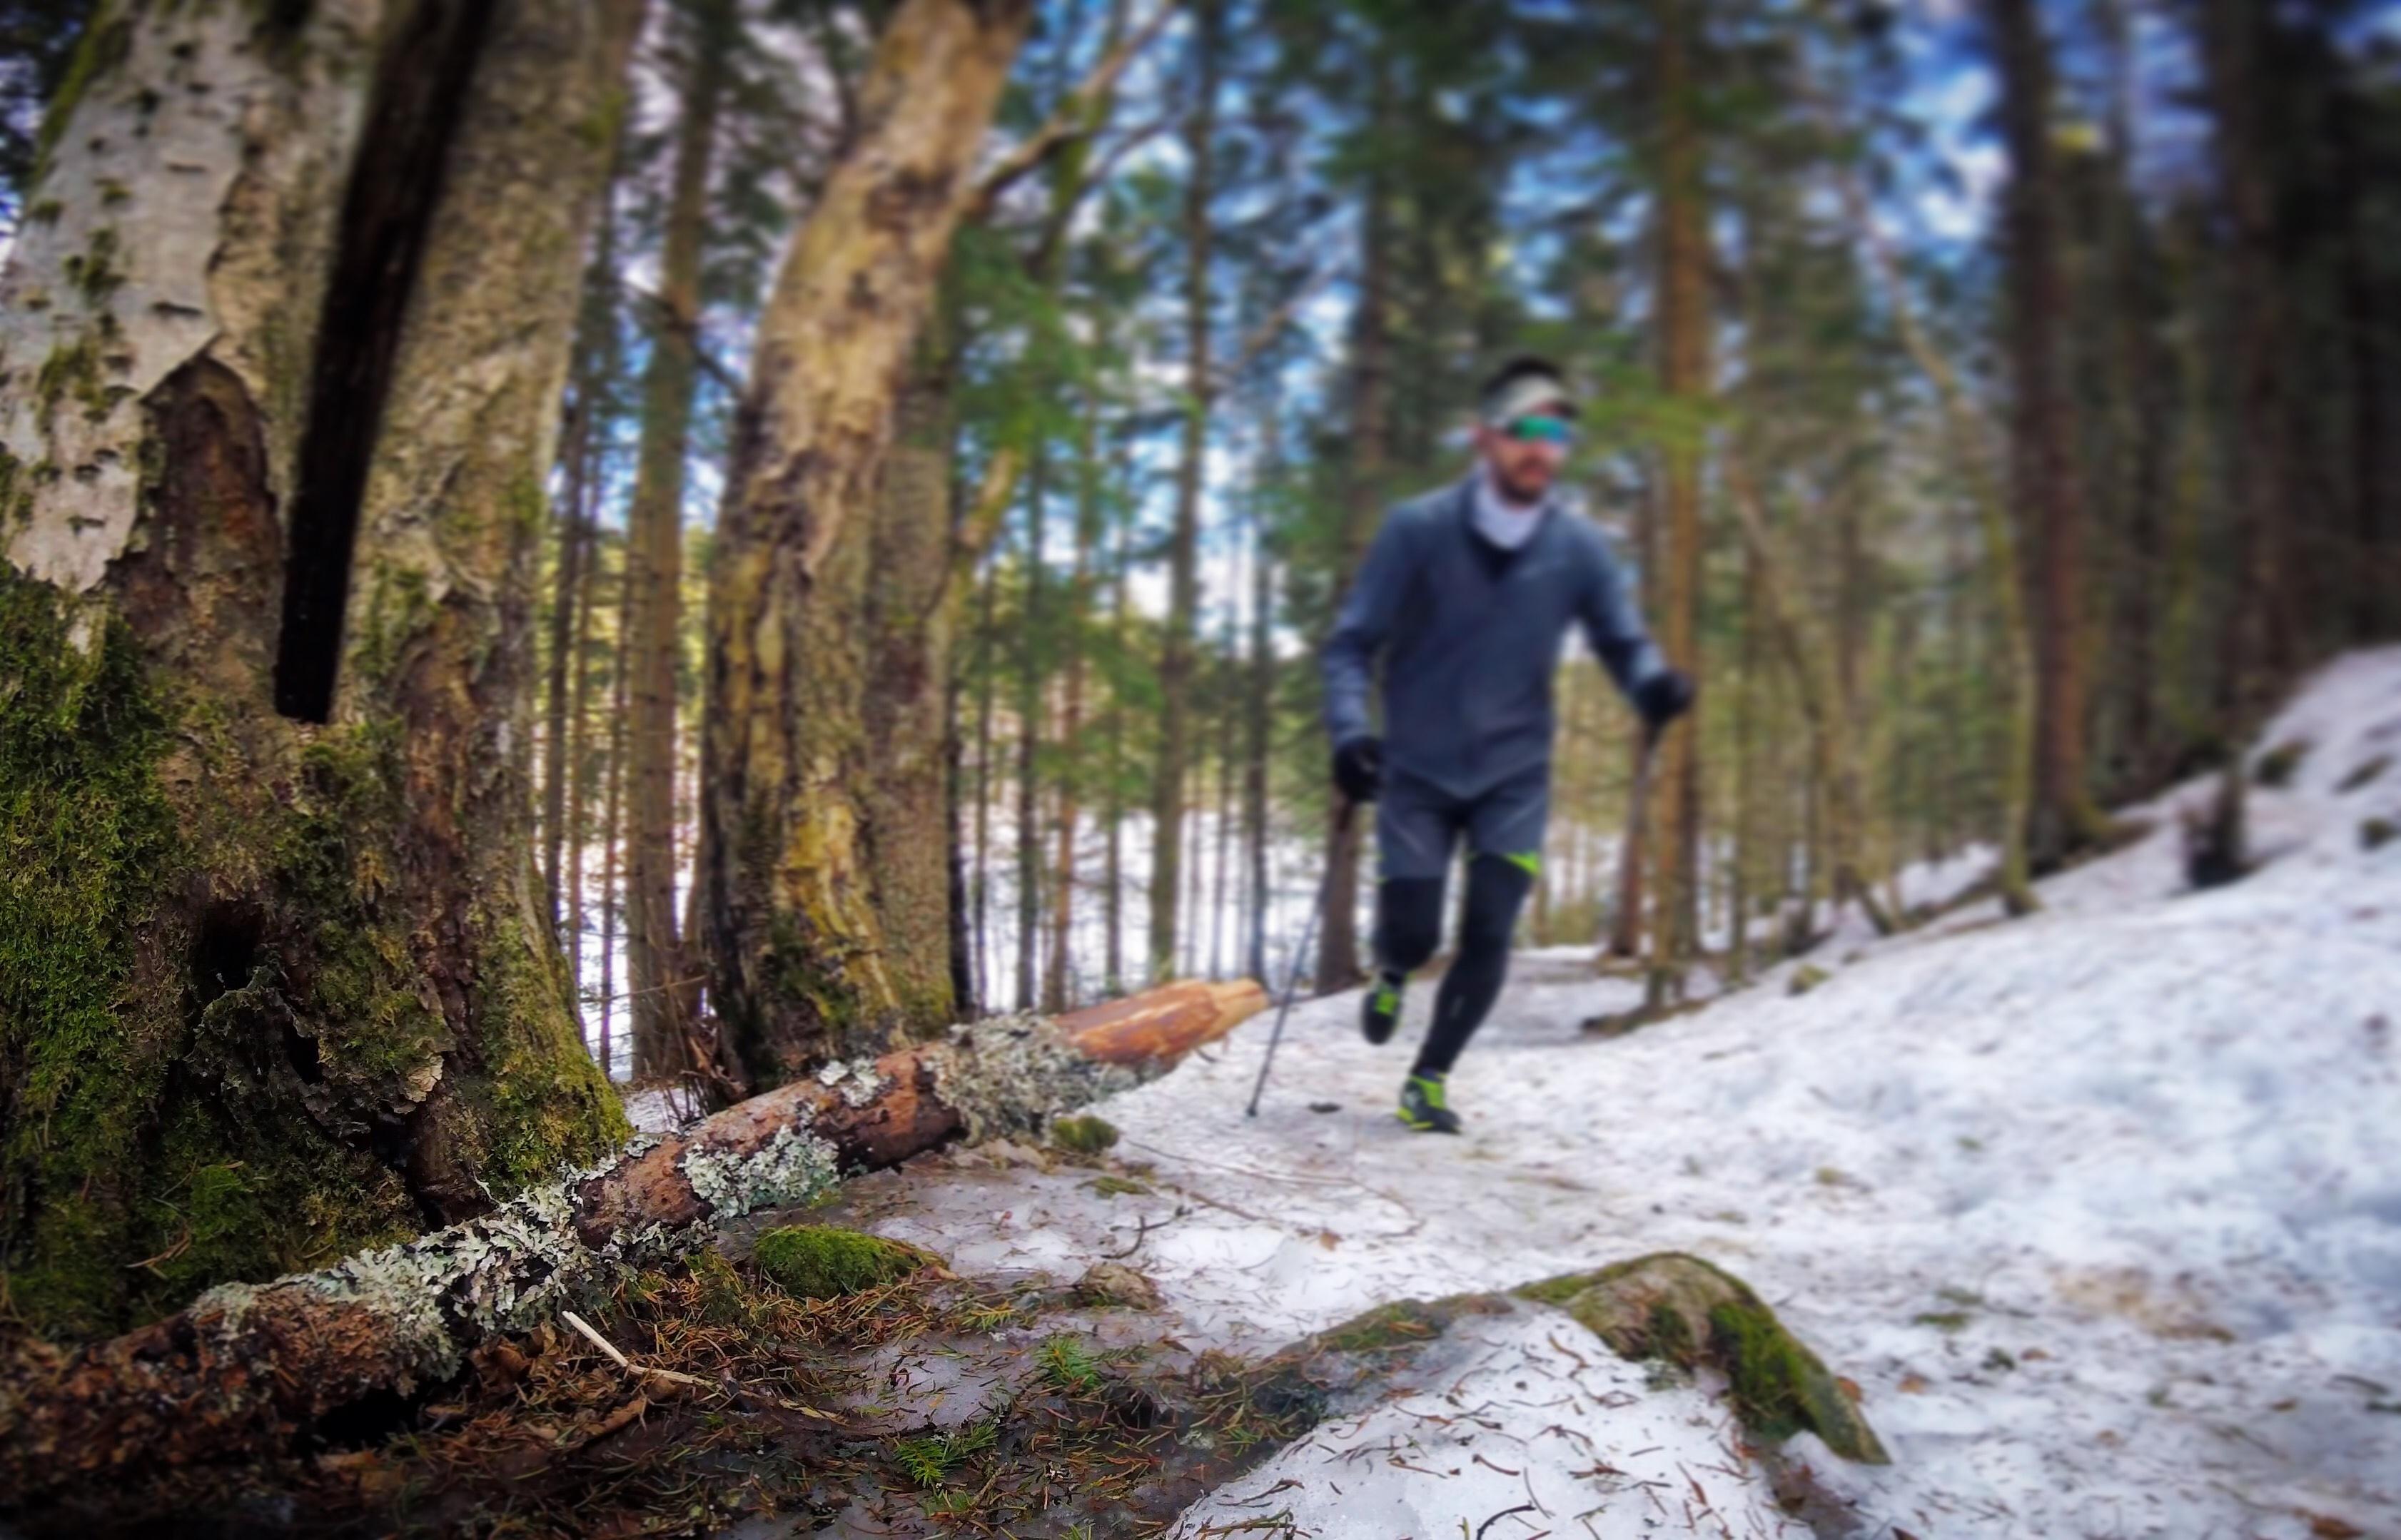 Det smelter i skogen